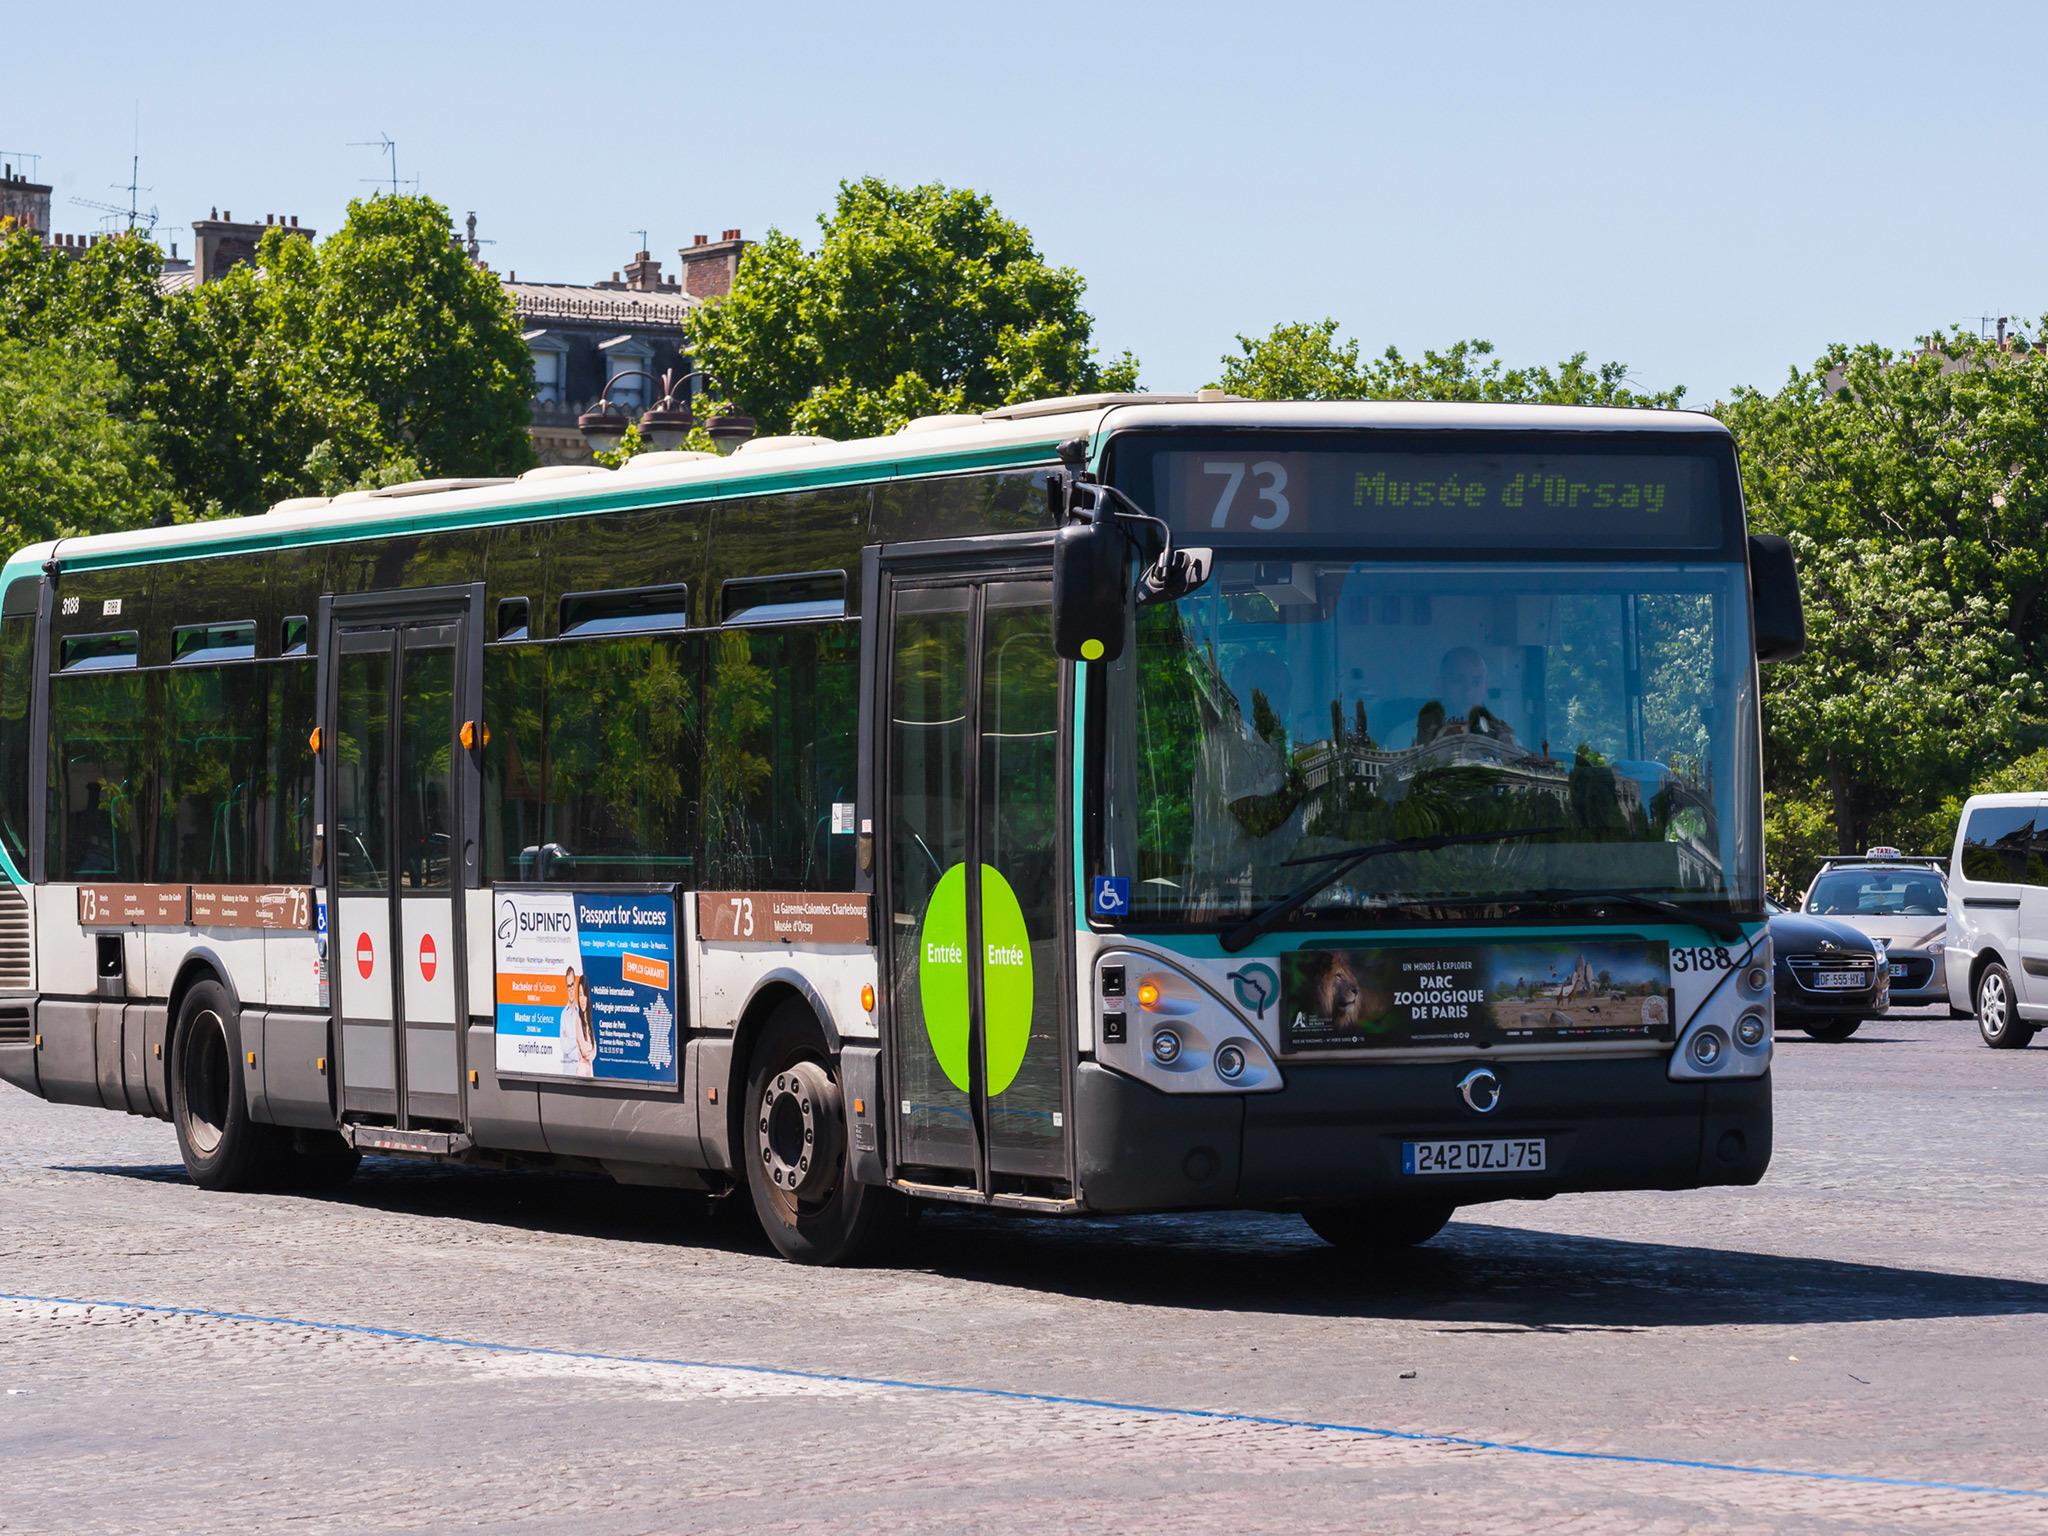 Bus in Paris